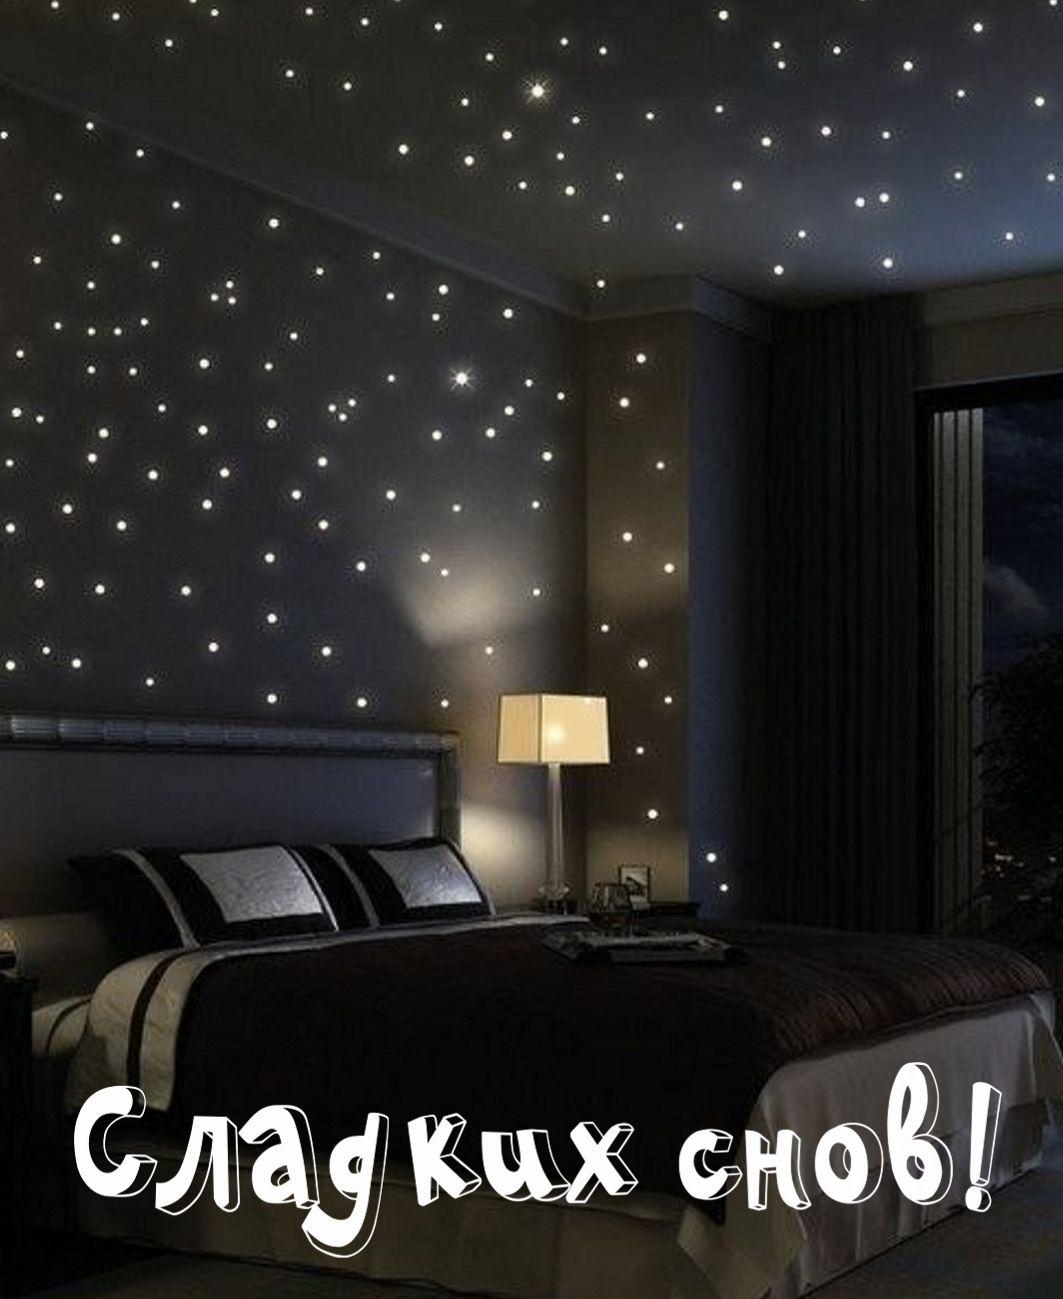 открытка спокойной ночи - звездное небо в спальне